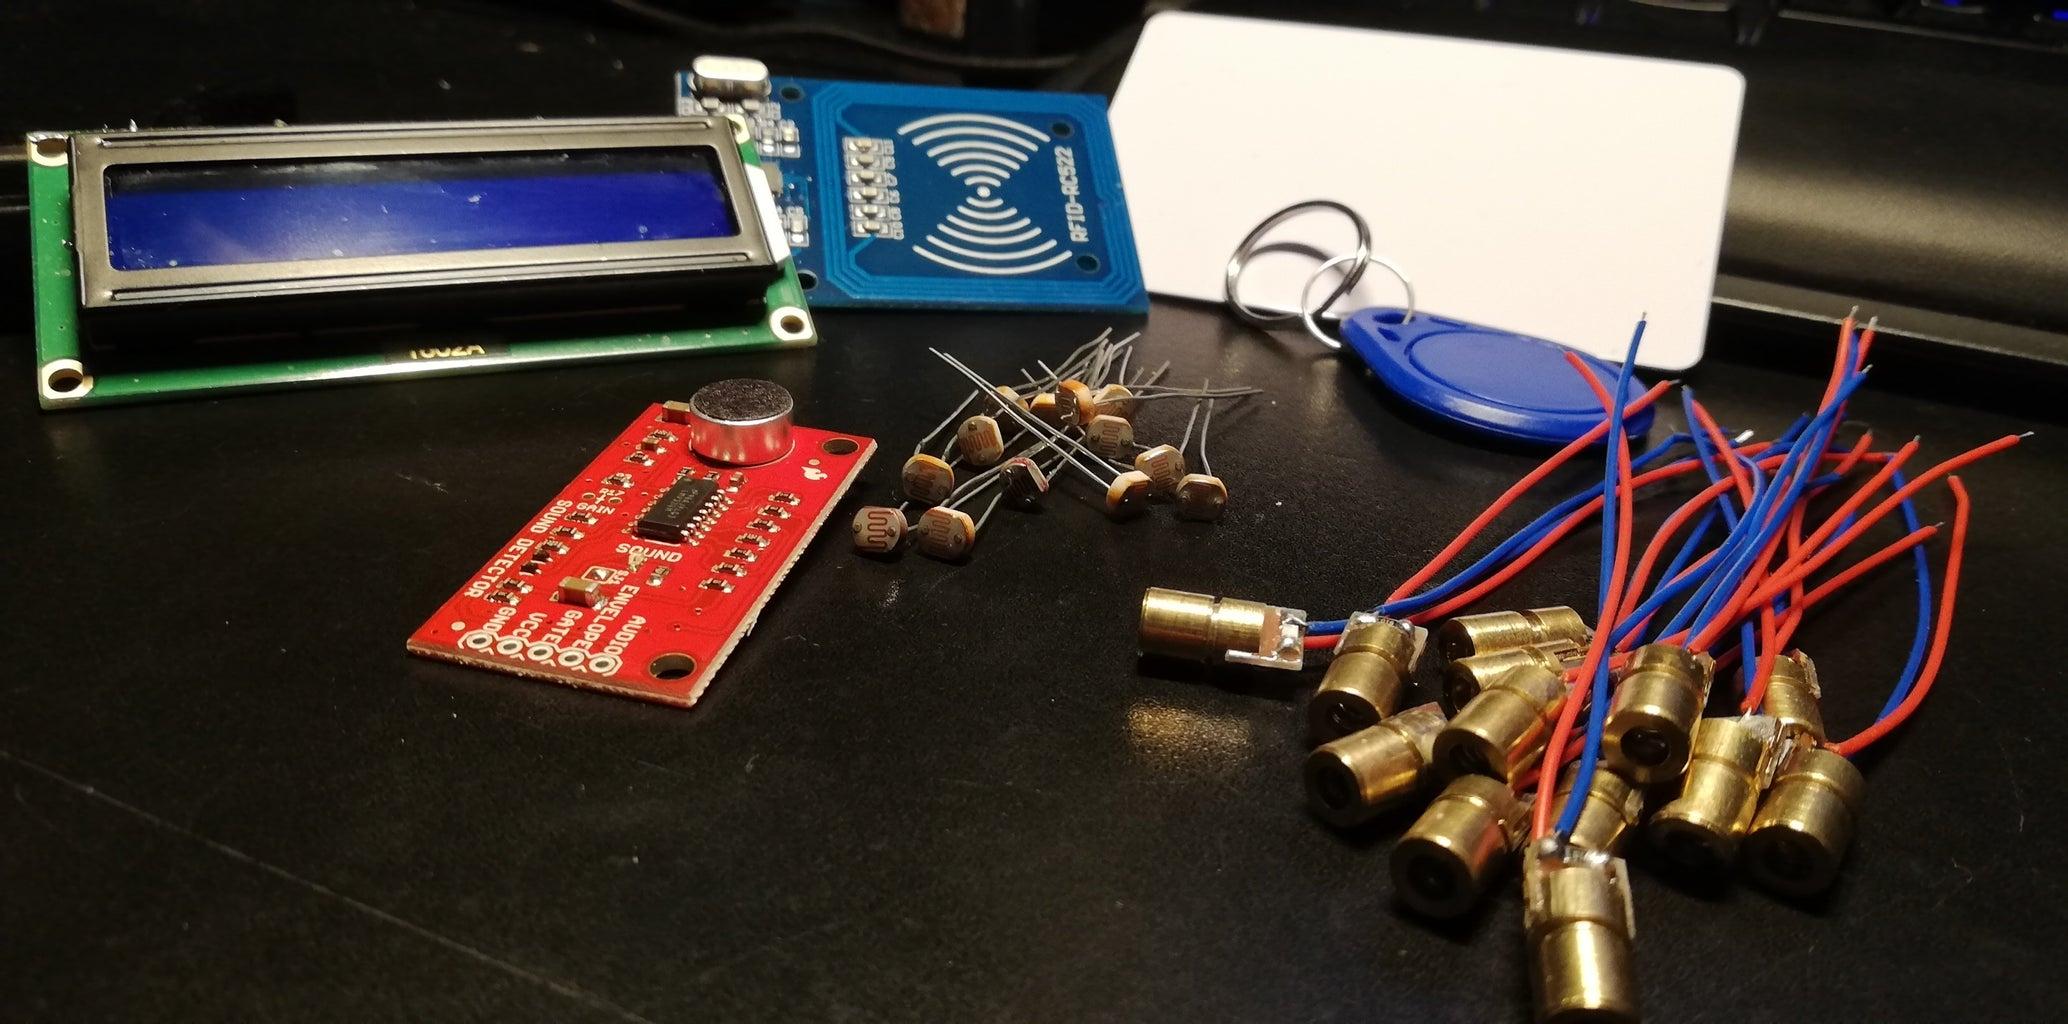 Materials Electronics